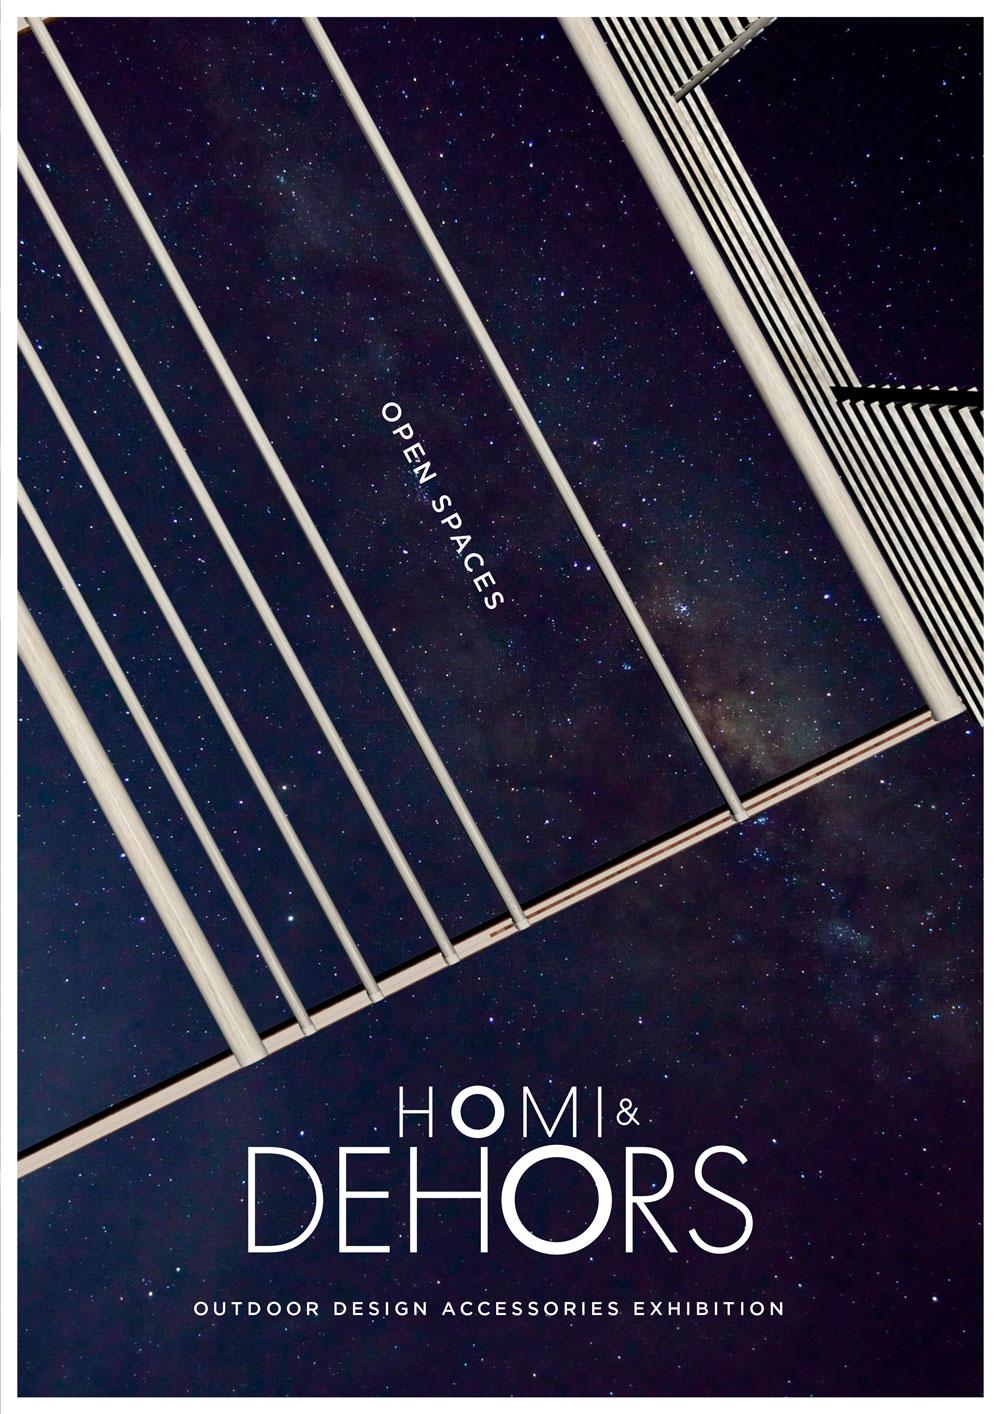 DEHORS-1